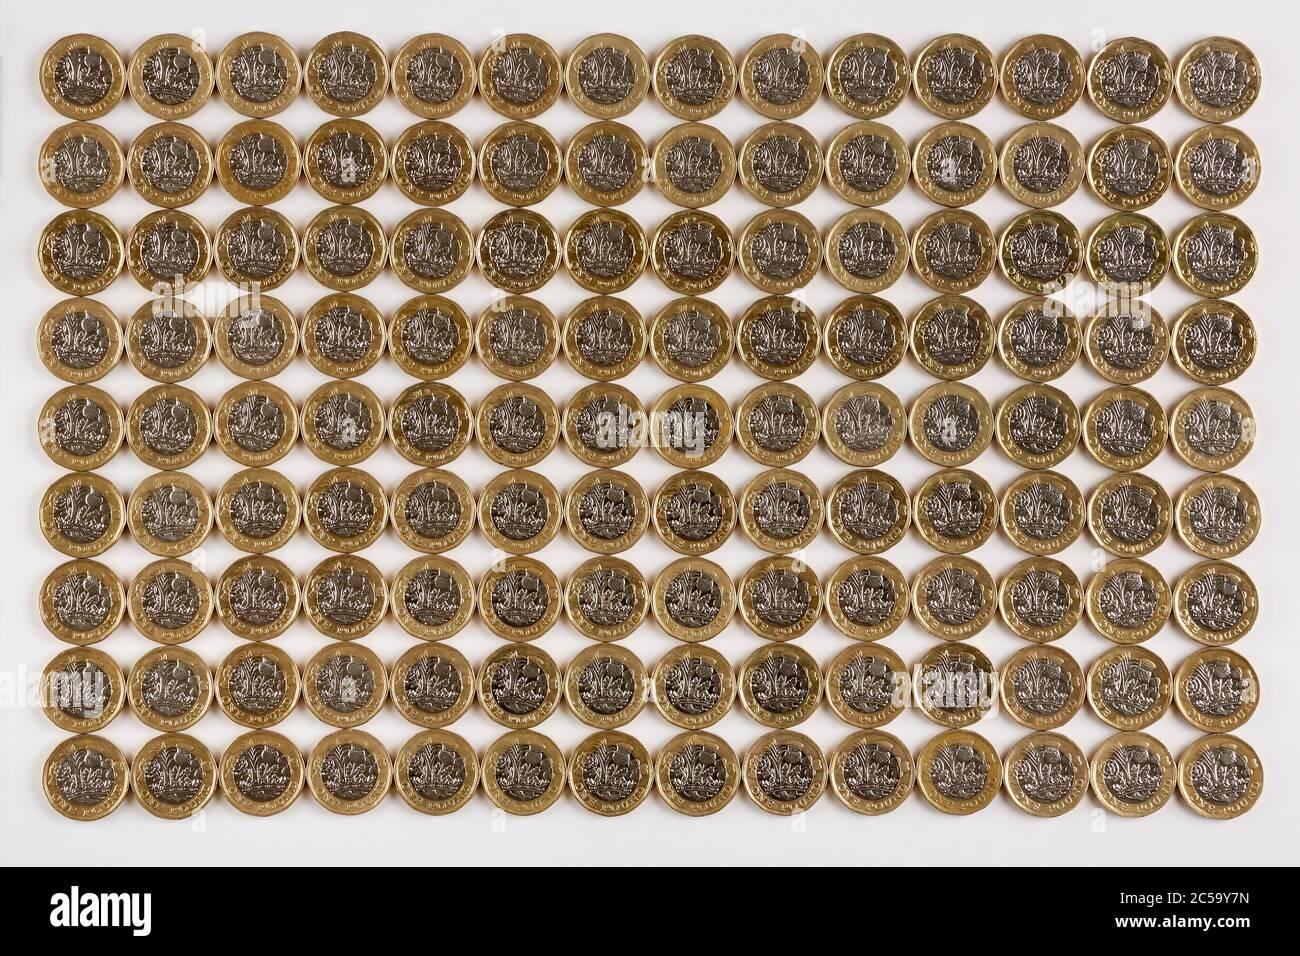 Fotografía de varias filas de nuevas monedas de 1 libra del Reino Unido (nuevas monedas de 1 libra en circulación después de octubre de 2017) Foto de stock